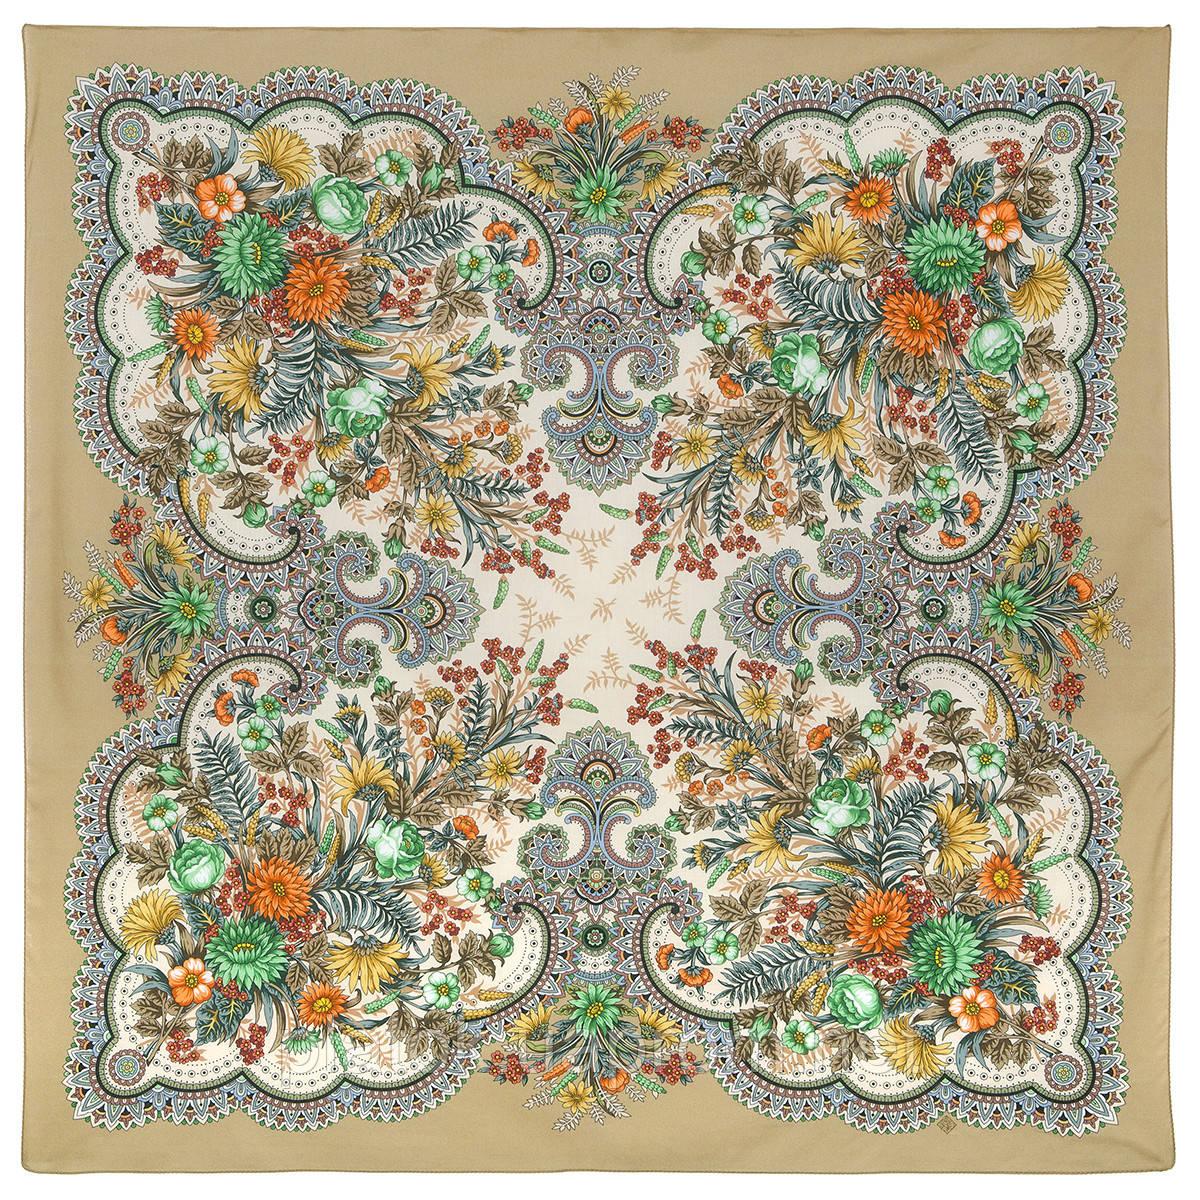 Цветущее лето 1839-2, павлопосадский платок хлопковый (батистовый) с швом зиг-заг